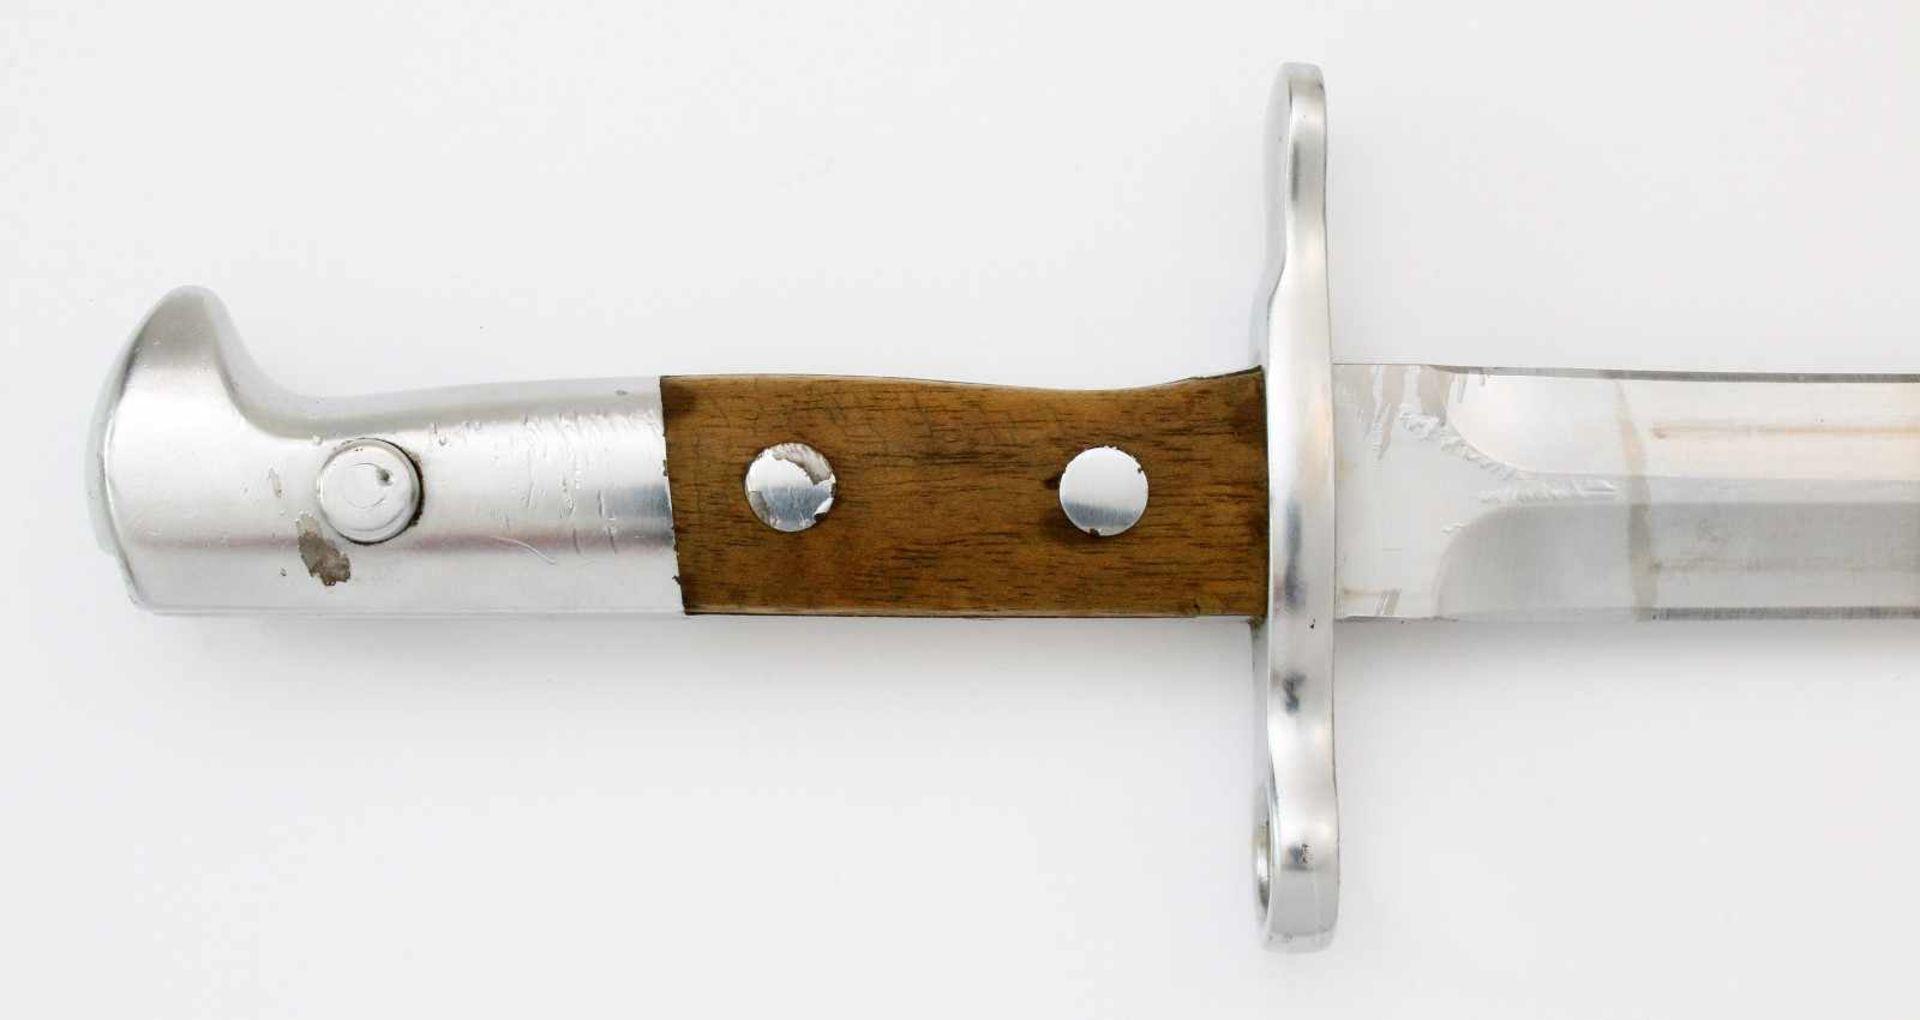 """Schweiz - Dolchbajonett Schmidt Rubin M1918/1931Zweischneidige, gegratete Dolchklinge, Herst. """" - Bild 4 aus 5"""